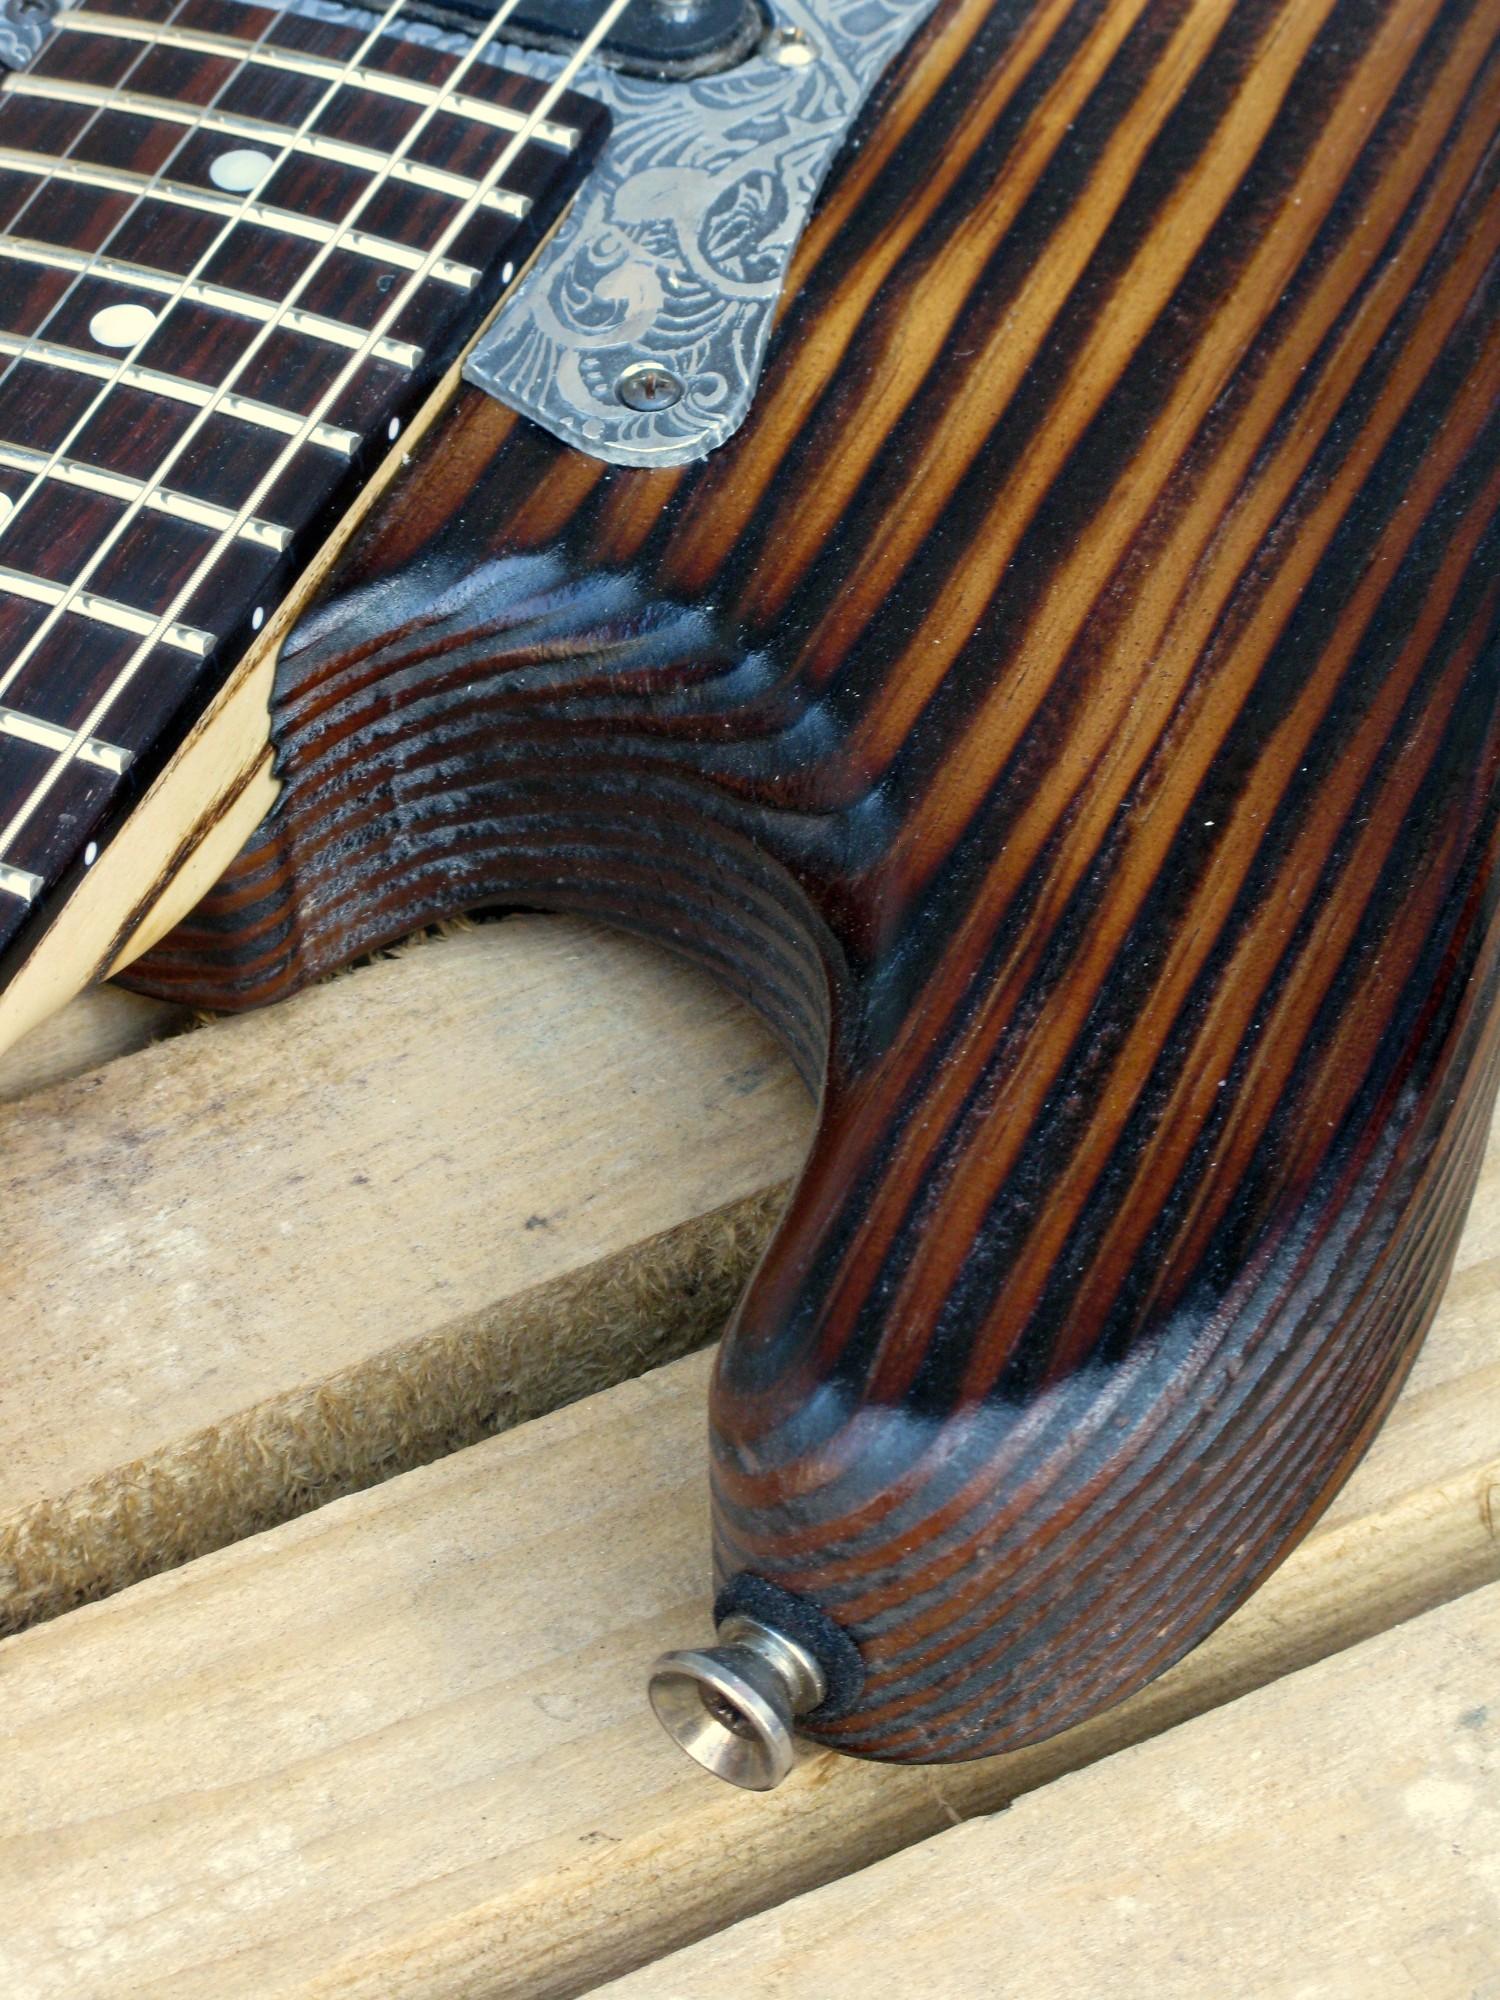 Dettaglio del body di una chitarra Stratocaster in pino roasted